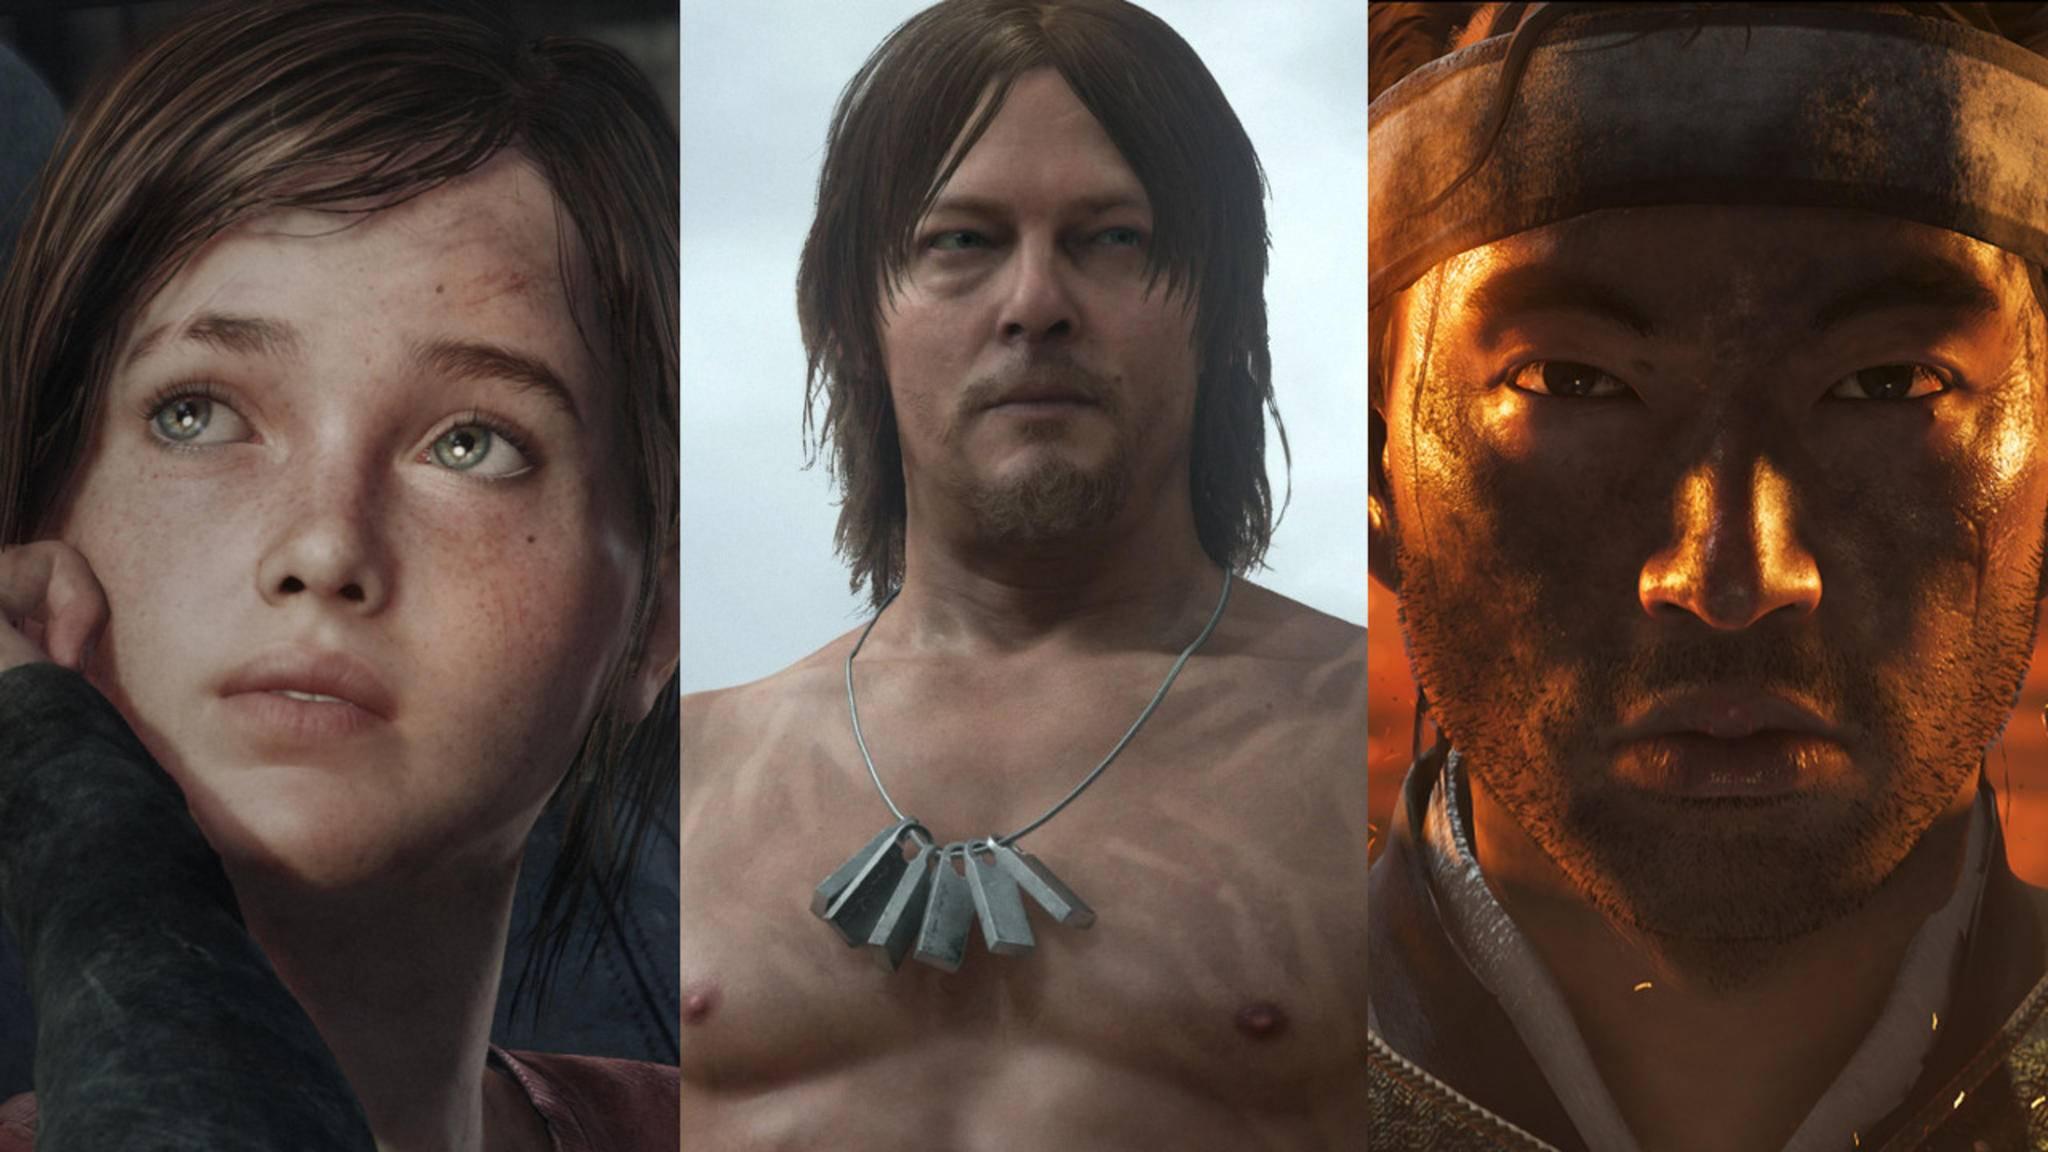 """""""The Last of Us Part 2"""", """"Death Stranding"""" und """"Ghost of Tsushima"""" weden bei der Sony-Präsentation auf der E3 im Mittelpunkt stehen."""